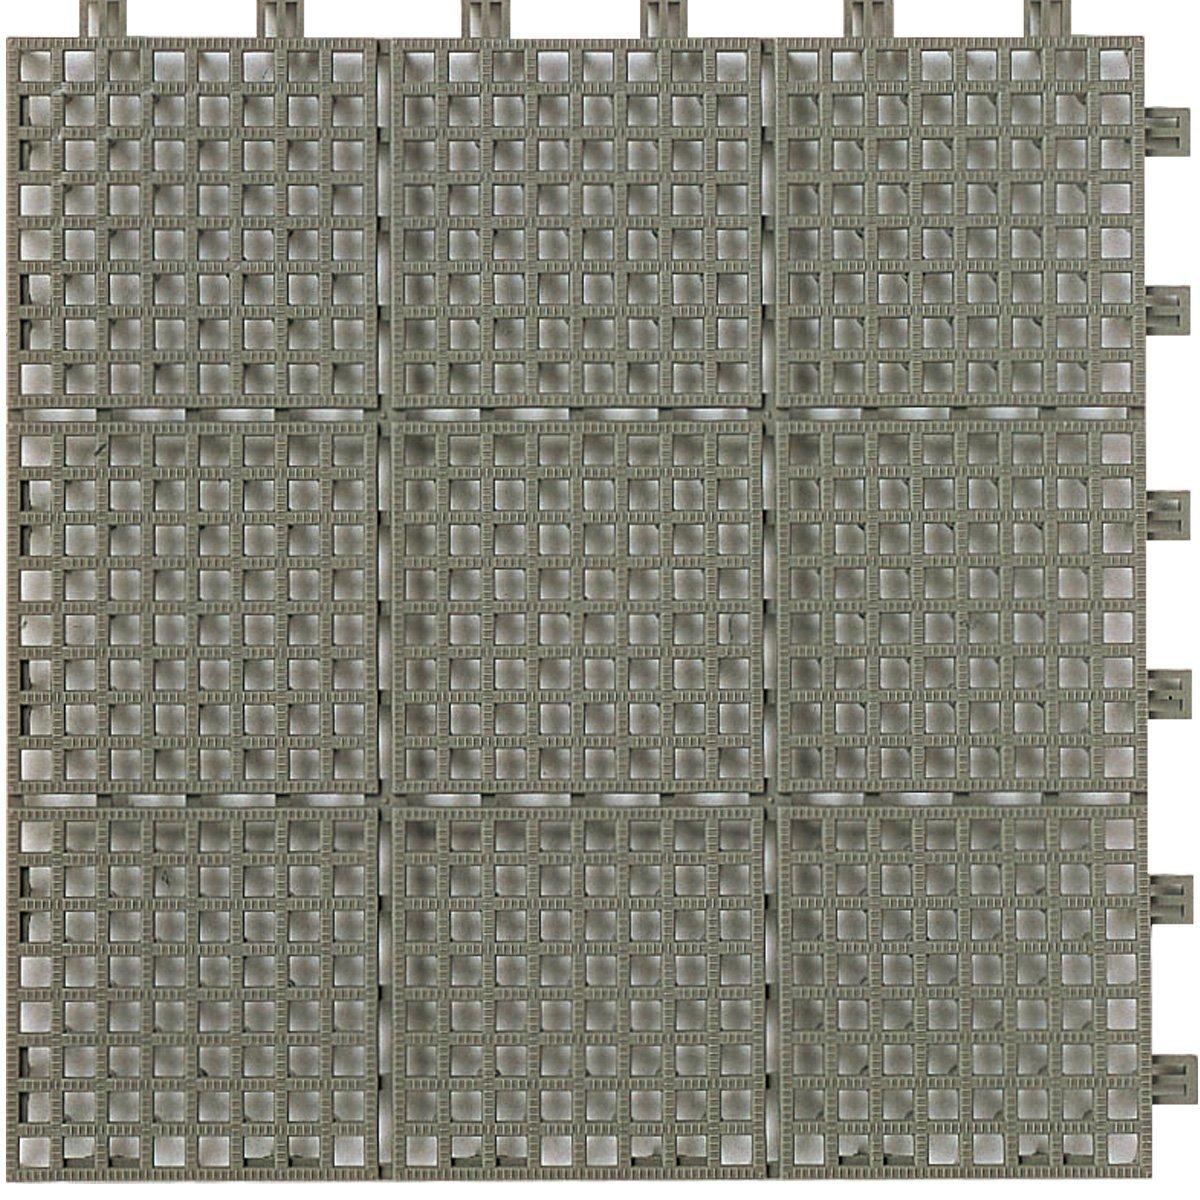 LIXIL(リクシル) INAX バルコニー用ユニットタイル セライージー副部材 納まり用樹脂マット グレー TFU-F300/SG B01ERPT1S0 10335  グレー